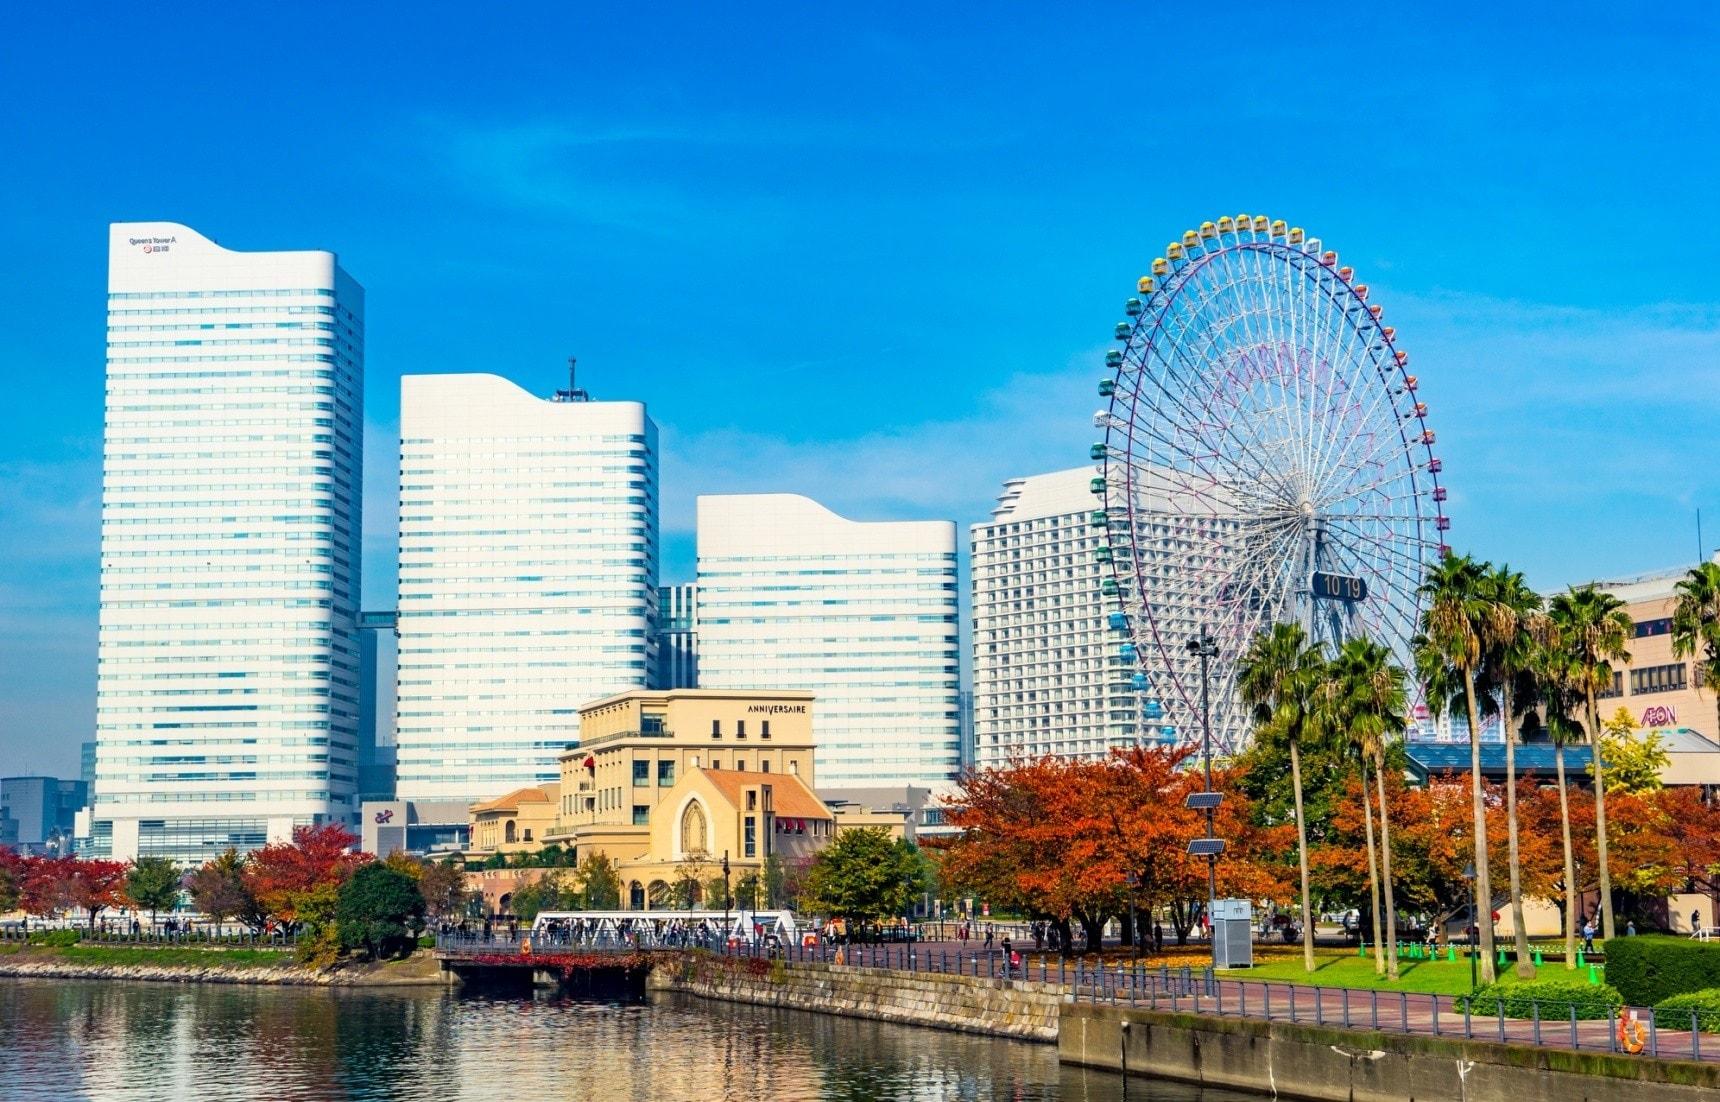 แหล่งท่องเที่ยวในโยโกฮาม่า